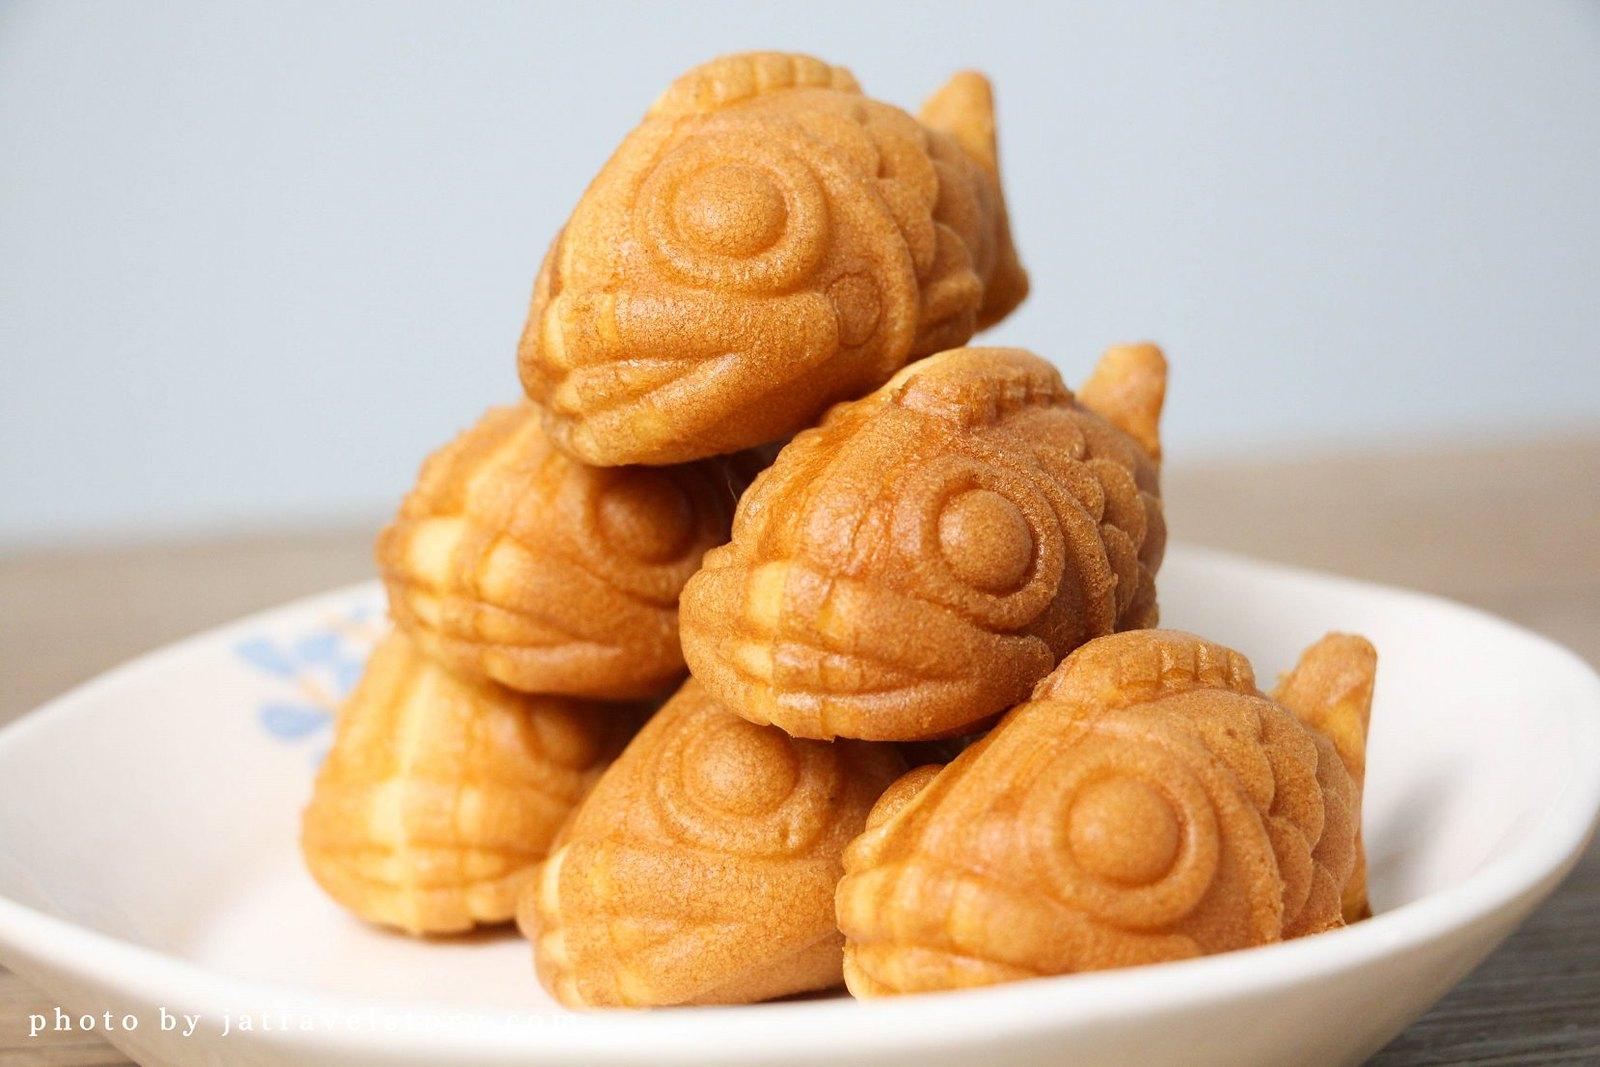 岩手鯛魚燒 (岩手燒) 小巧的迷你鯛魚燒好可愛!【中和美食/板橋美食】 @J&A的旅行